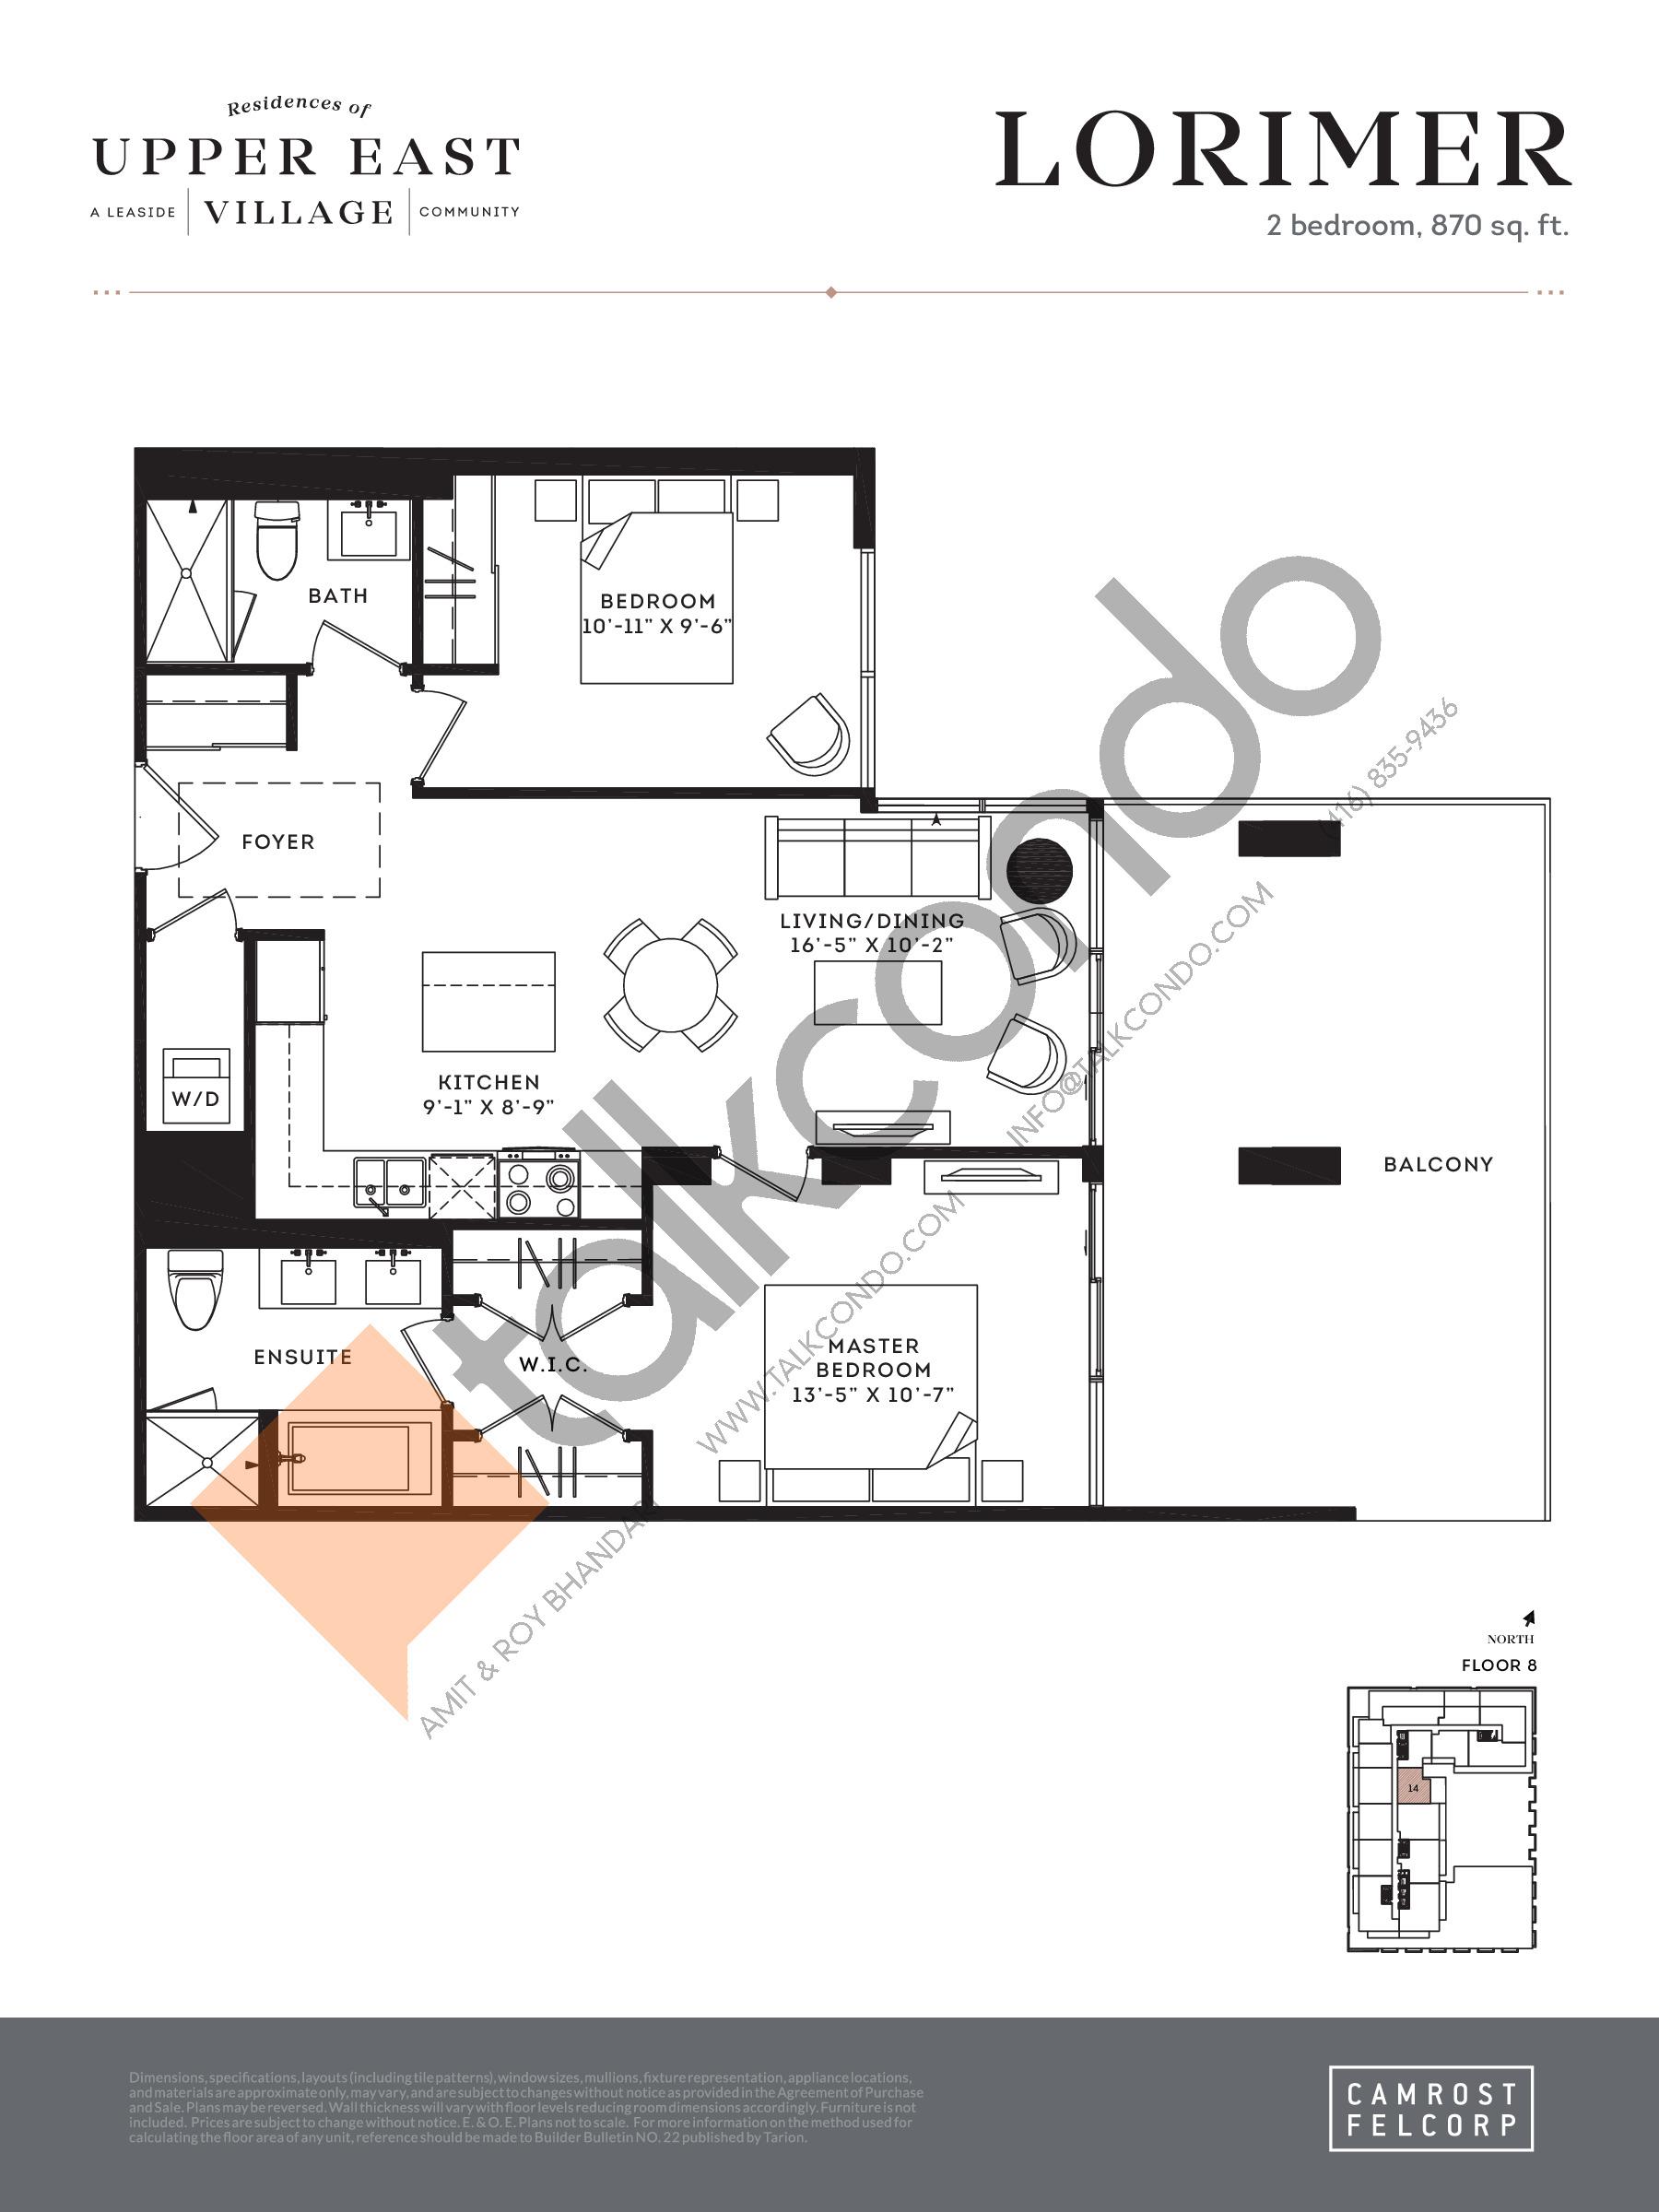 Lorimer Floor Plan at Upper East Village Condos - 870 sq.ft